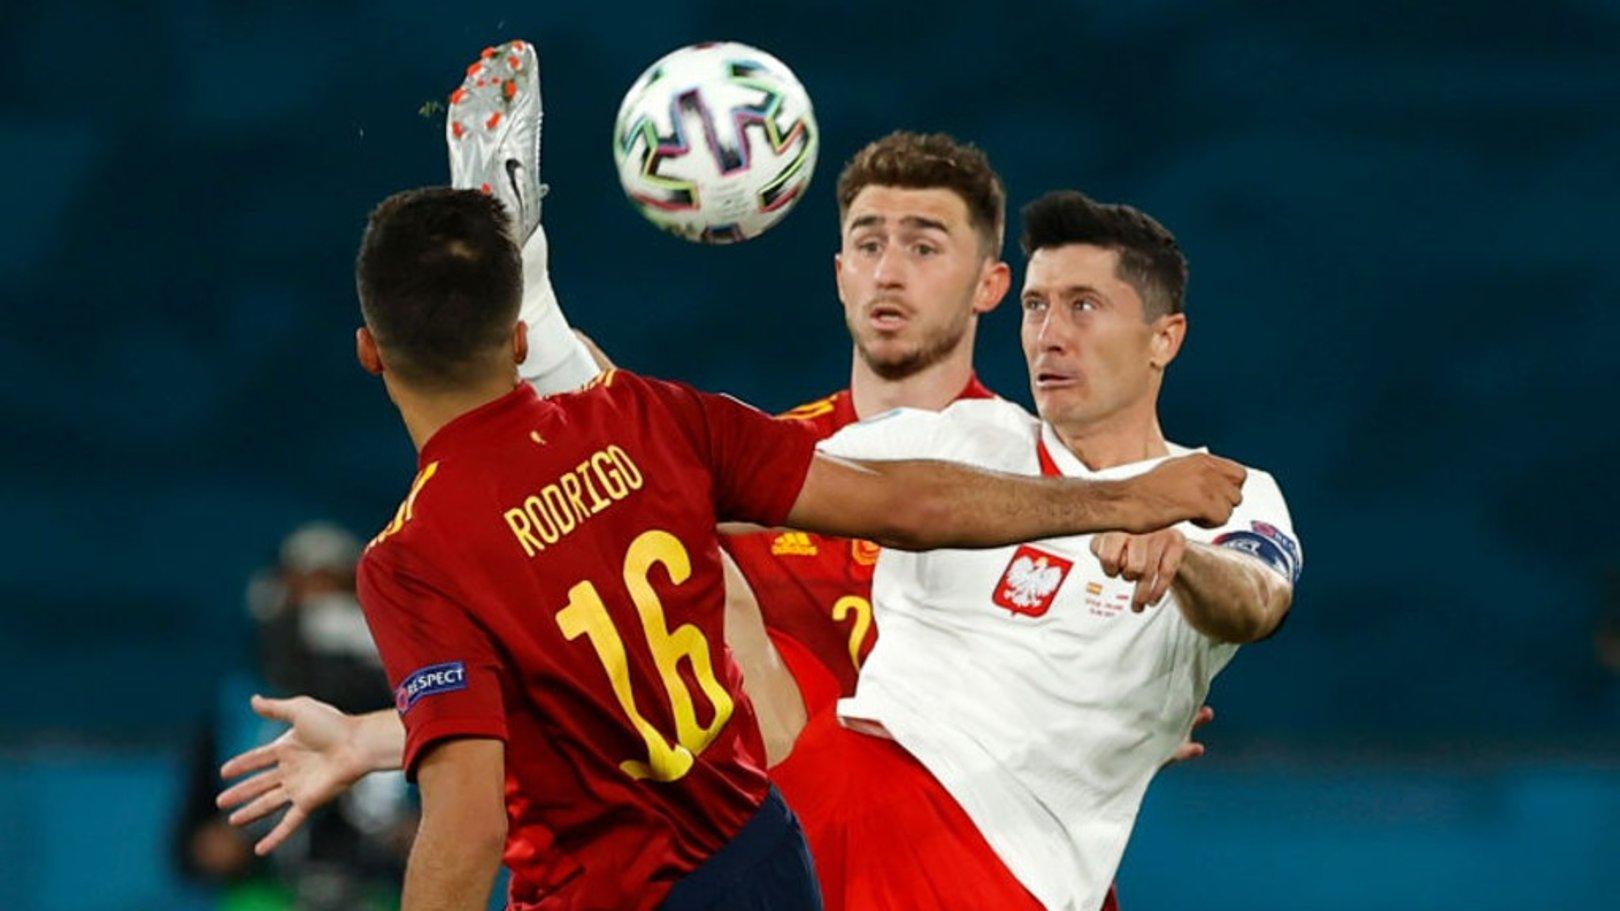 폴란드와 무승부를 거두며 승리를 거두지 못한 3명의 CITY 선수들